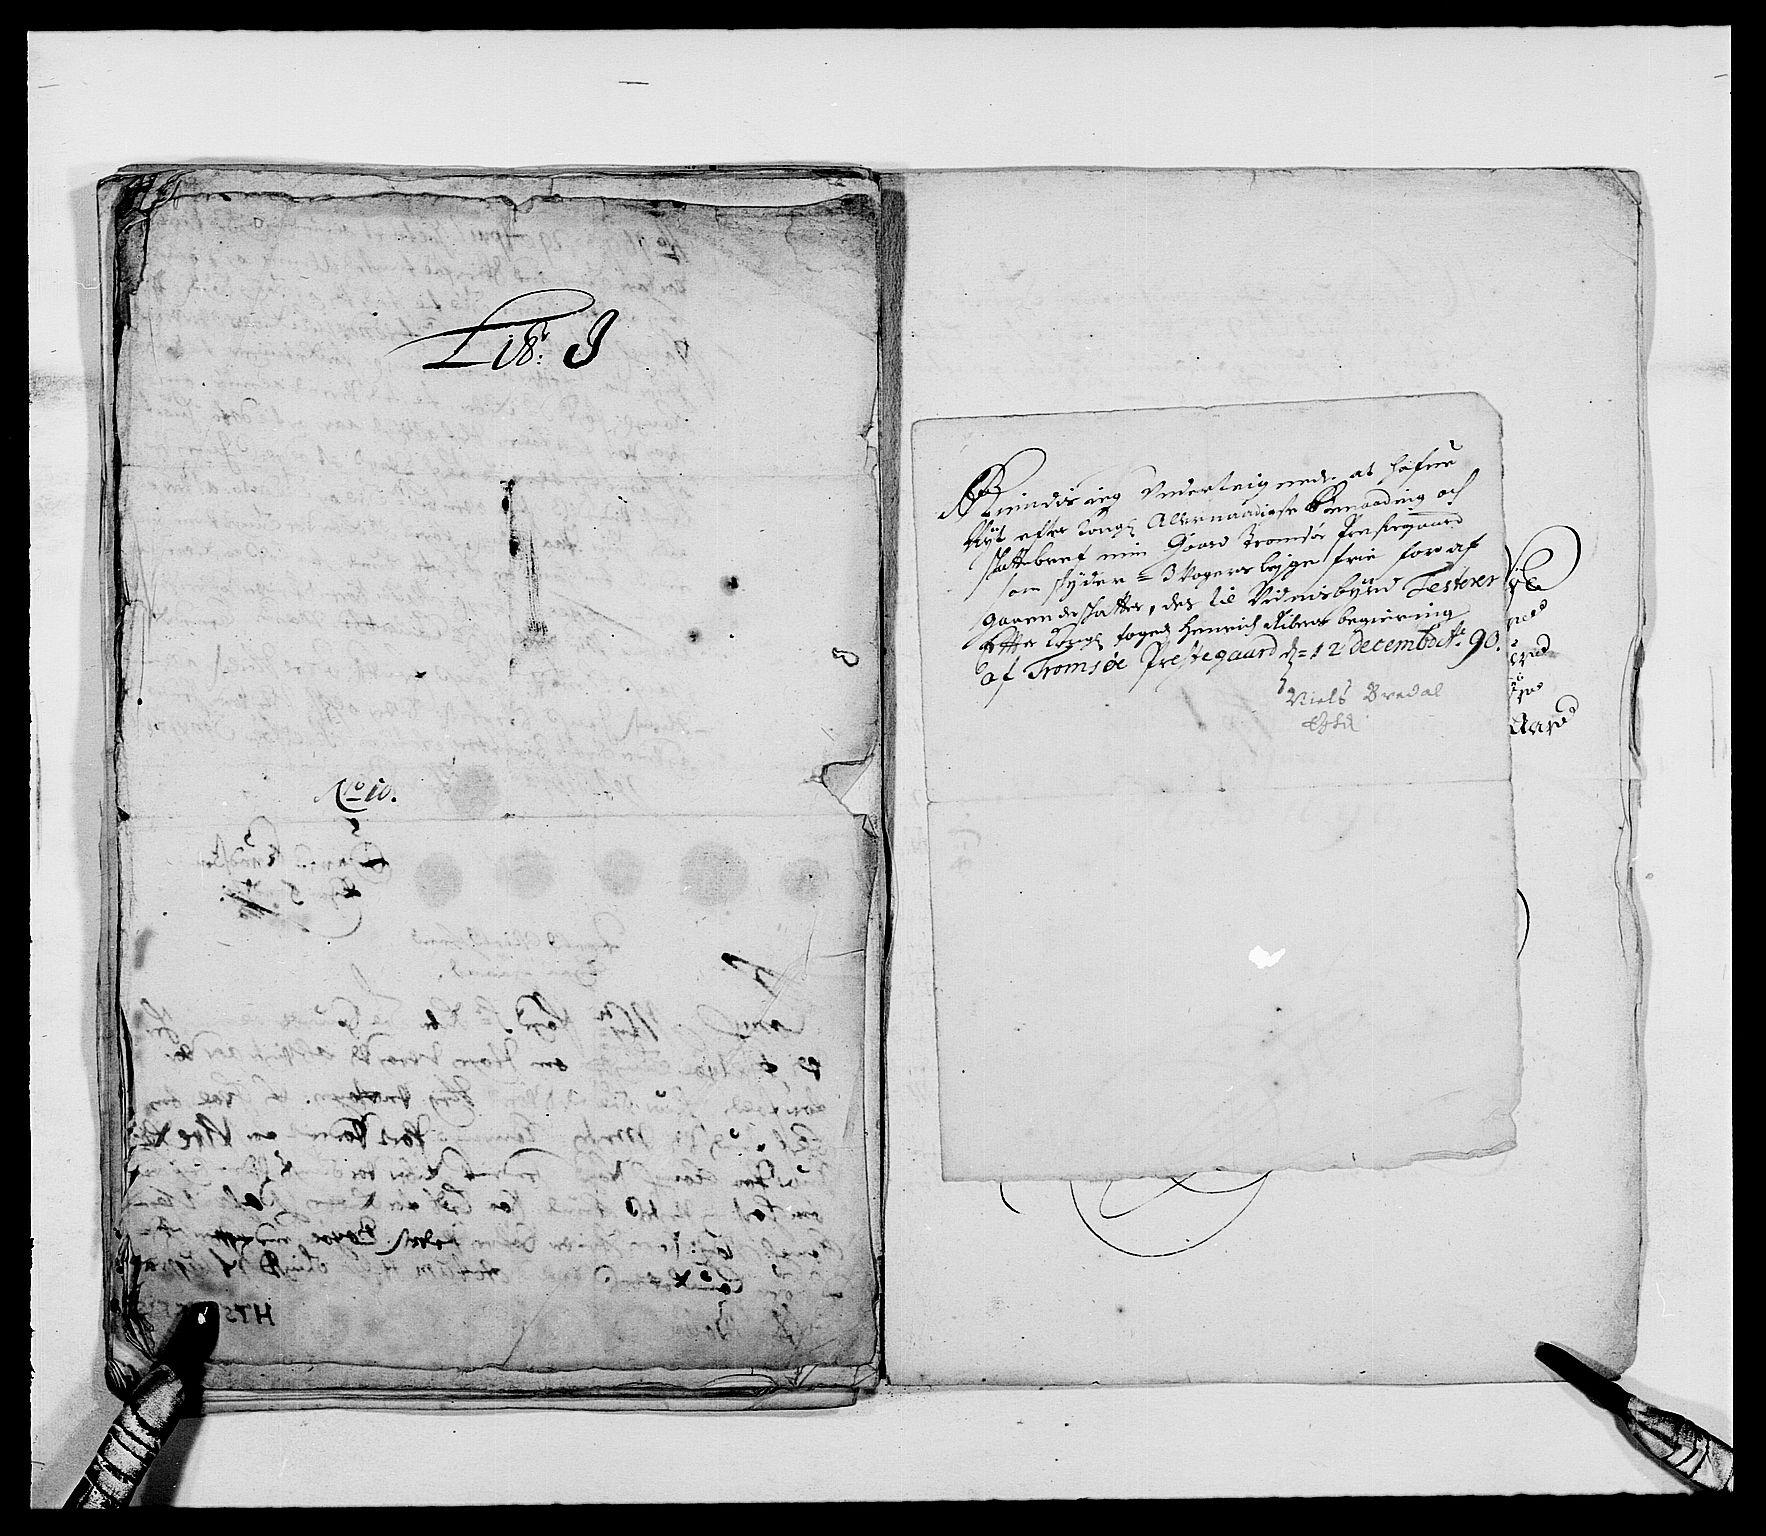 RA, Rentekammeret inntil 1814, Reviderte regnskaper, Fogderegnskap, R68/L4751: Fogderegnskap Senja og Troms, 1690-1693, s. 66